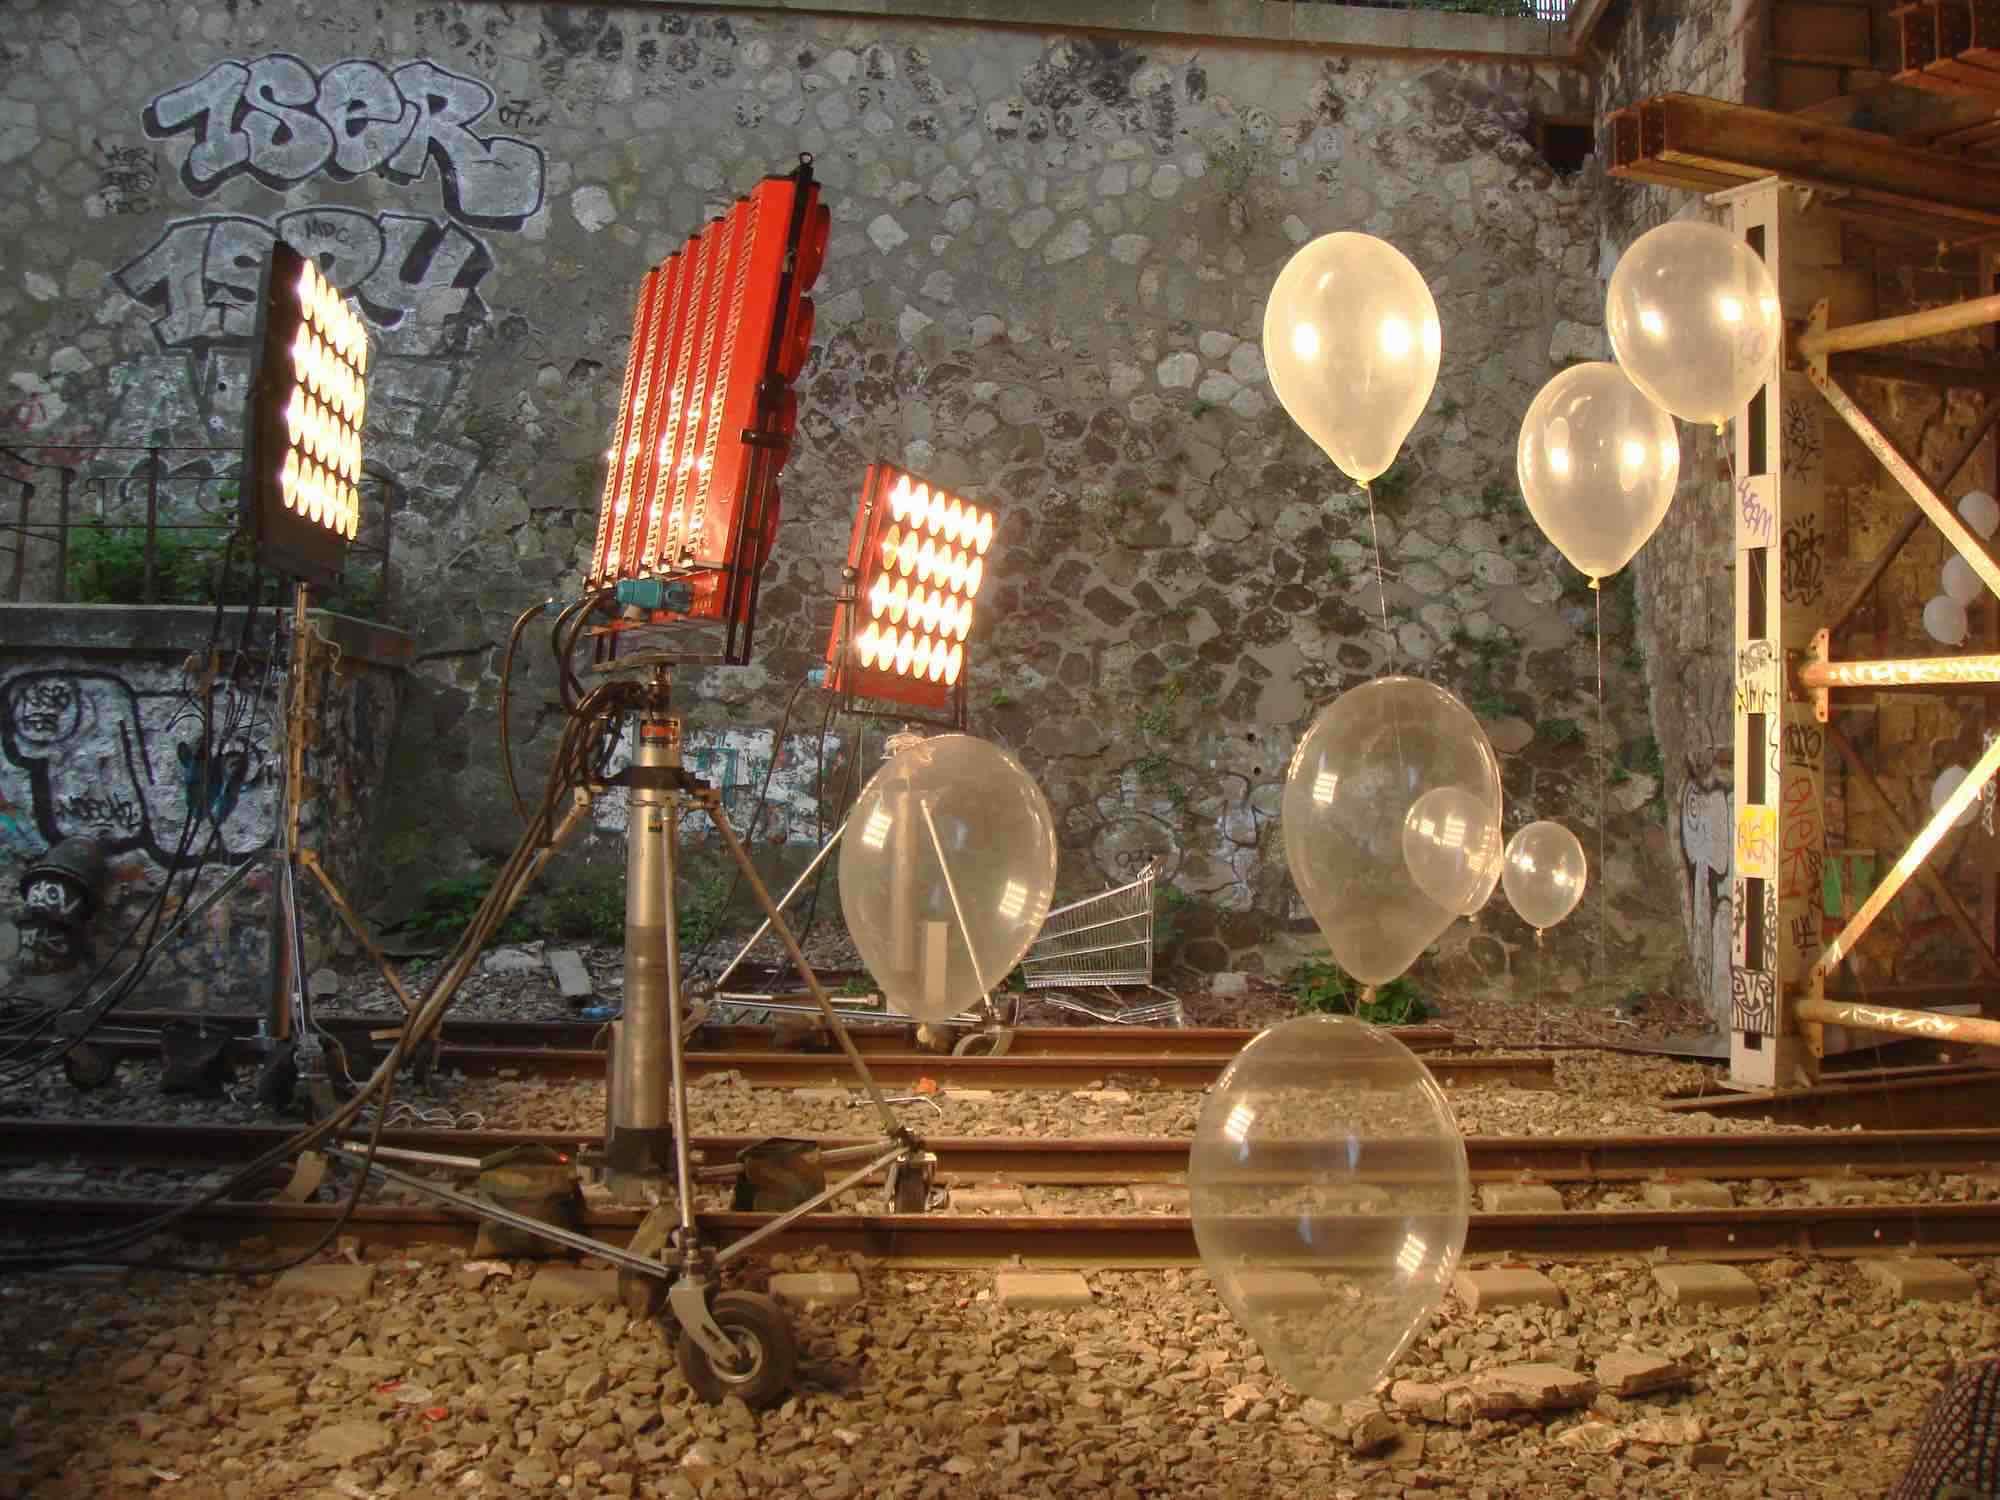 """Dino 24 lampes sur pieds crank'o'vator et ballons sur les voies ferrées de la petite ceinture. DIno 24 lamps on crank'O'Vator stands with balloons on railways """"petite ceinture"""""""